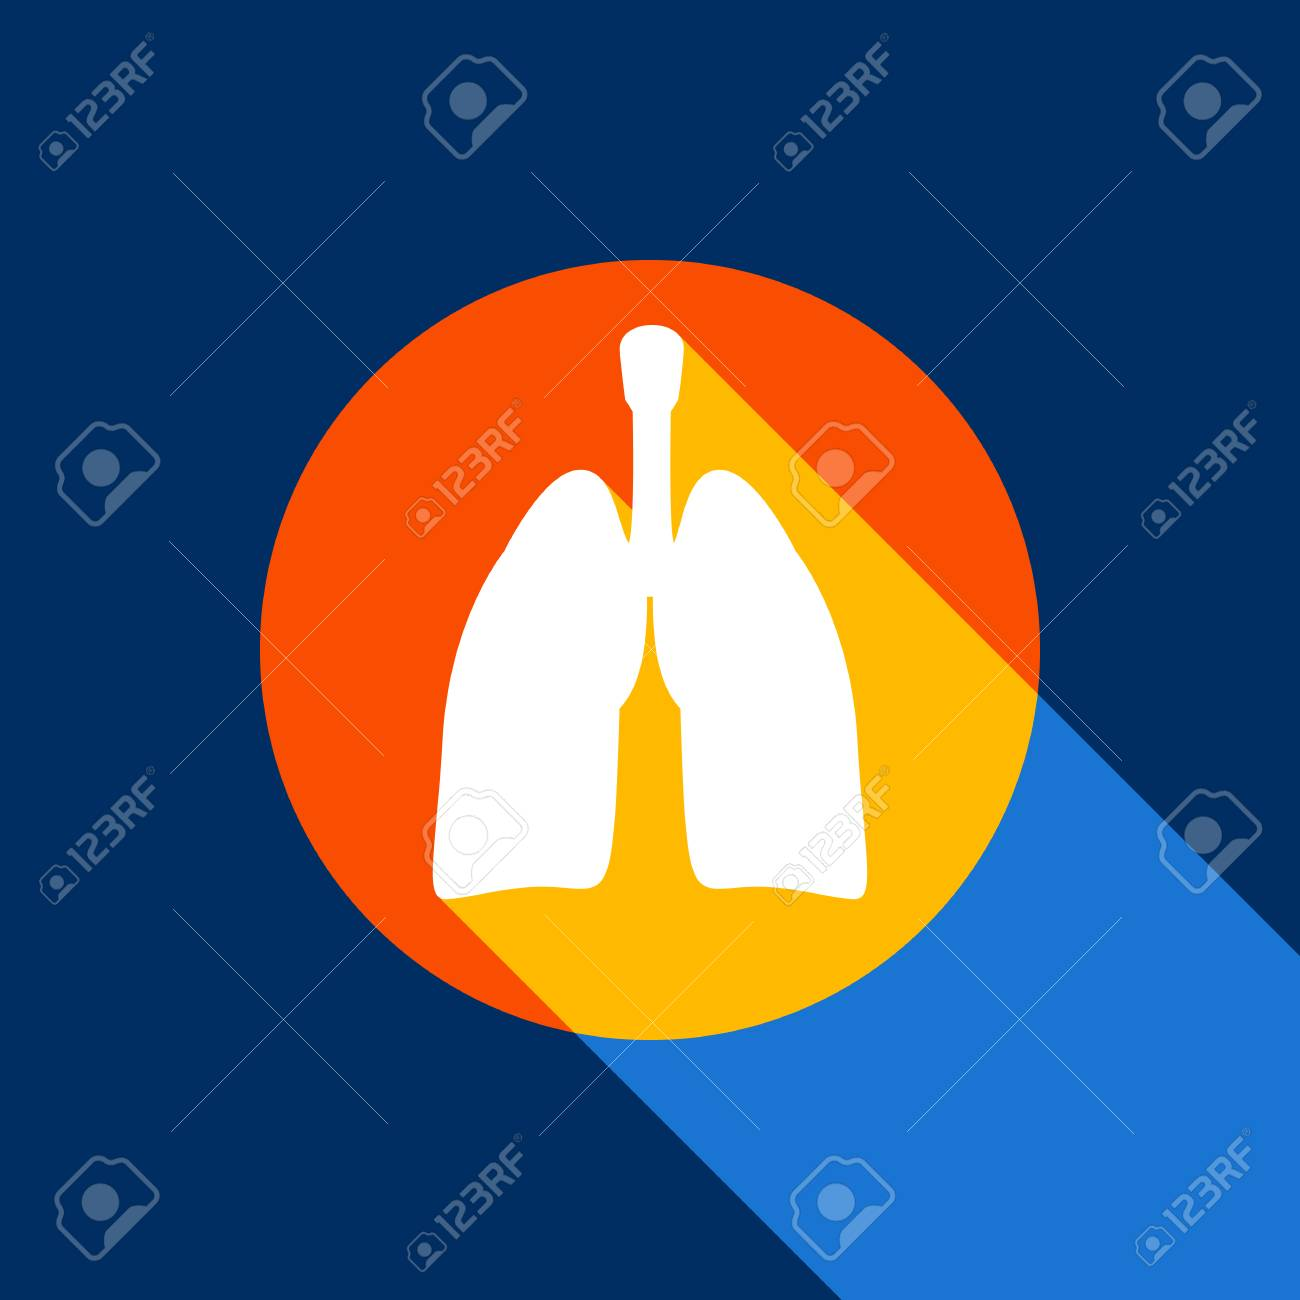 Anatomía Humana. Signo De Los Pulmones Vector. Icono Blanco En ...